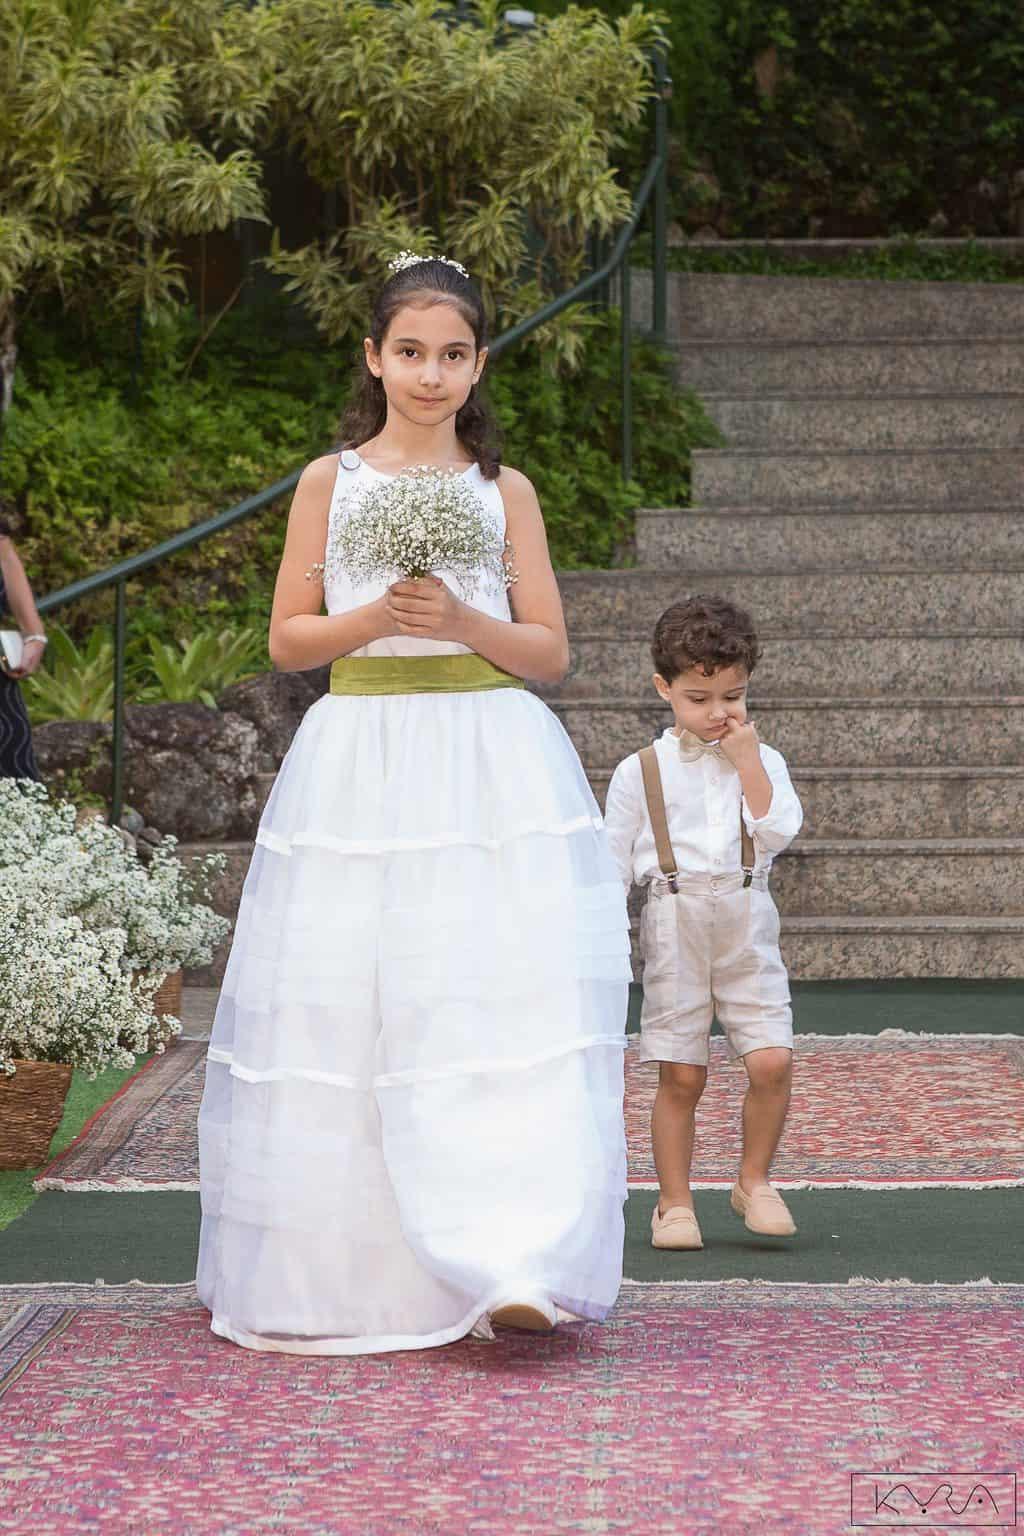 0150-Cerimonia-Giovanna-e-Pedro-IMG_8734AG2-Digital-Anna-Carolina-Werneck-Casa-das-Canoas-Casamento-Cerimônia-Cortejo-Entrada-damas-Kyra-Mirsky-Rio-de-Janeiro-1